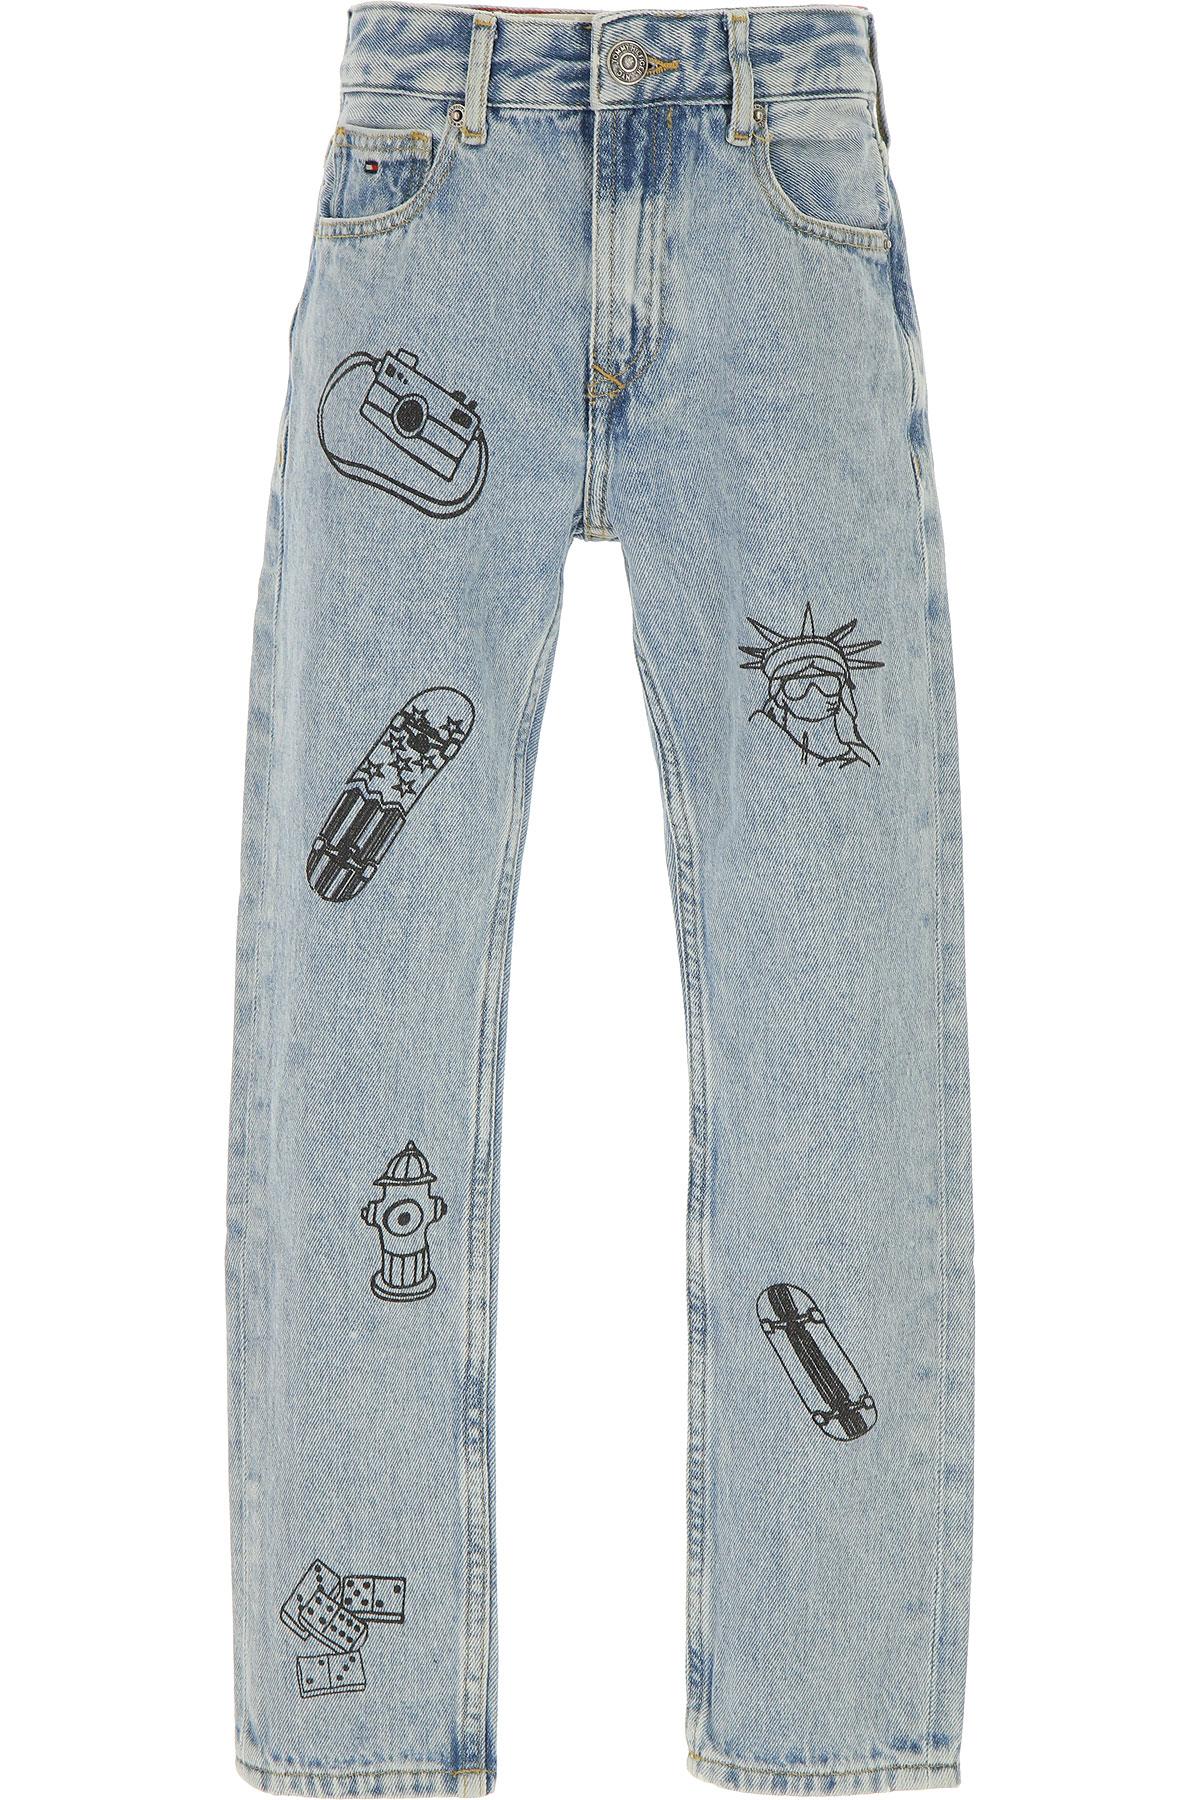 Tommy Hilfiger Kids Jeans for Boys, Light Denim, Cotton, 2017, 10Y 14Y 16Y 8Y USA-471520